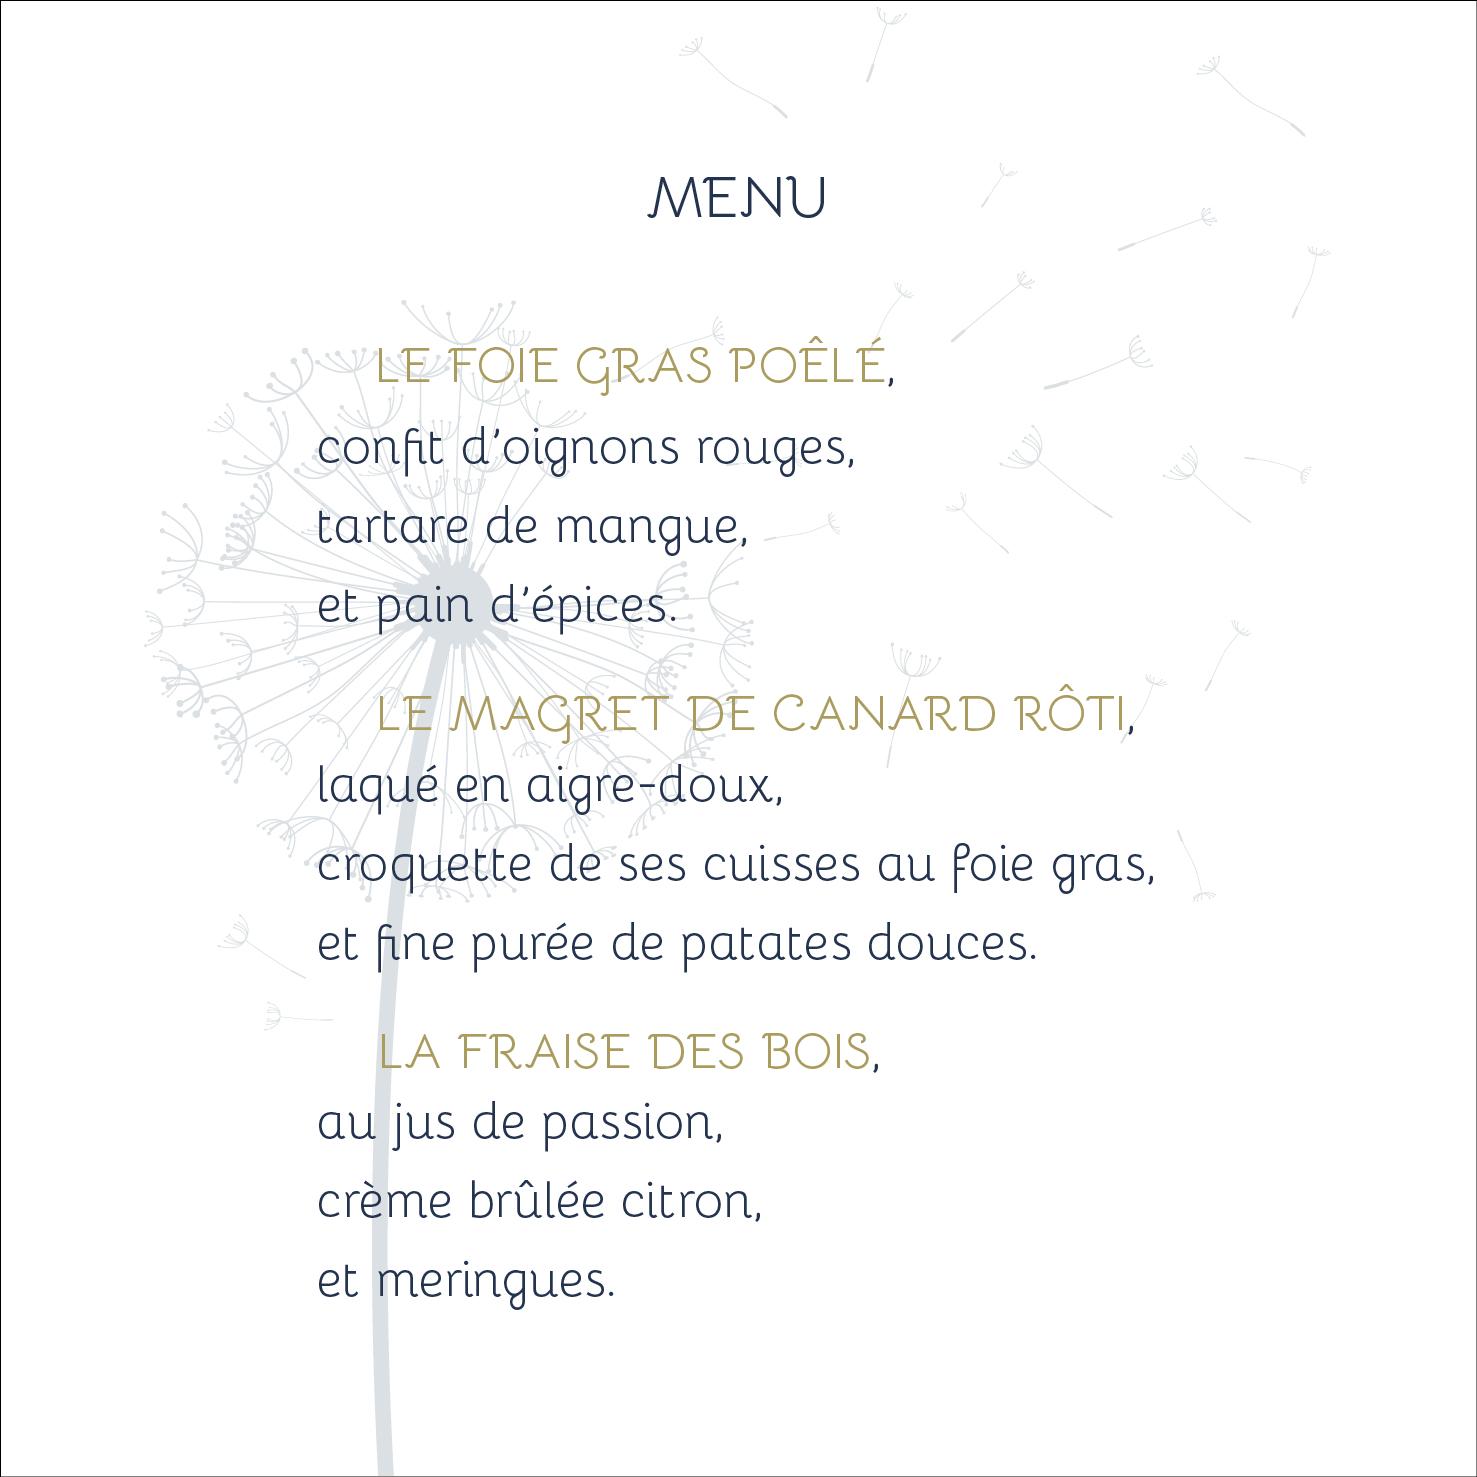 Papeterie mariage, faire-part personnalisable, menu